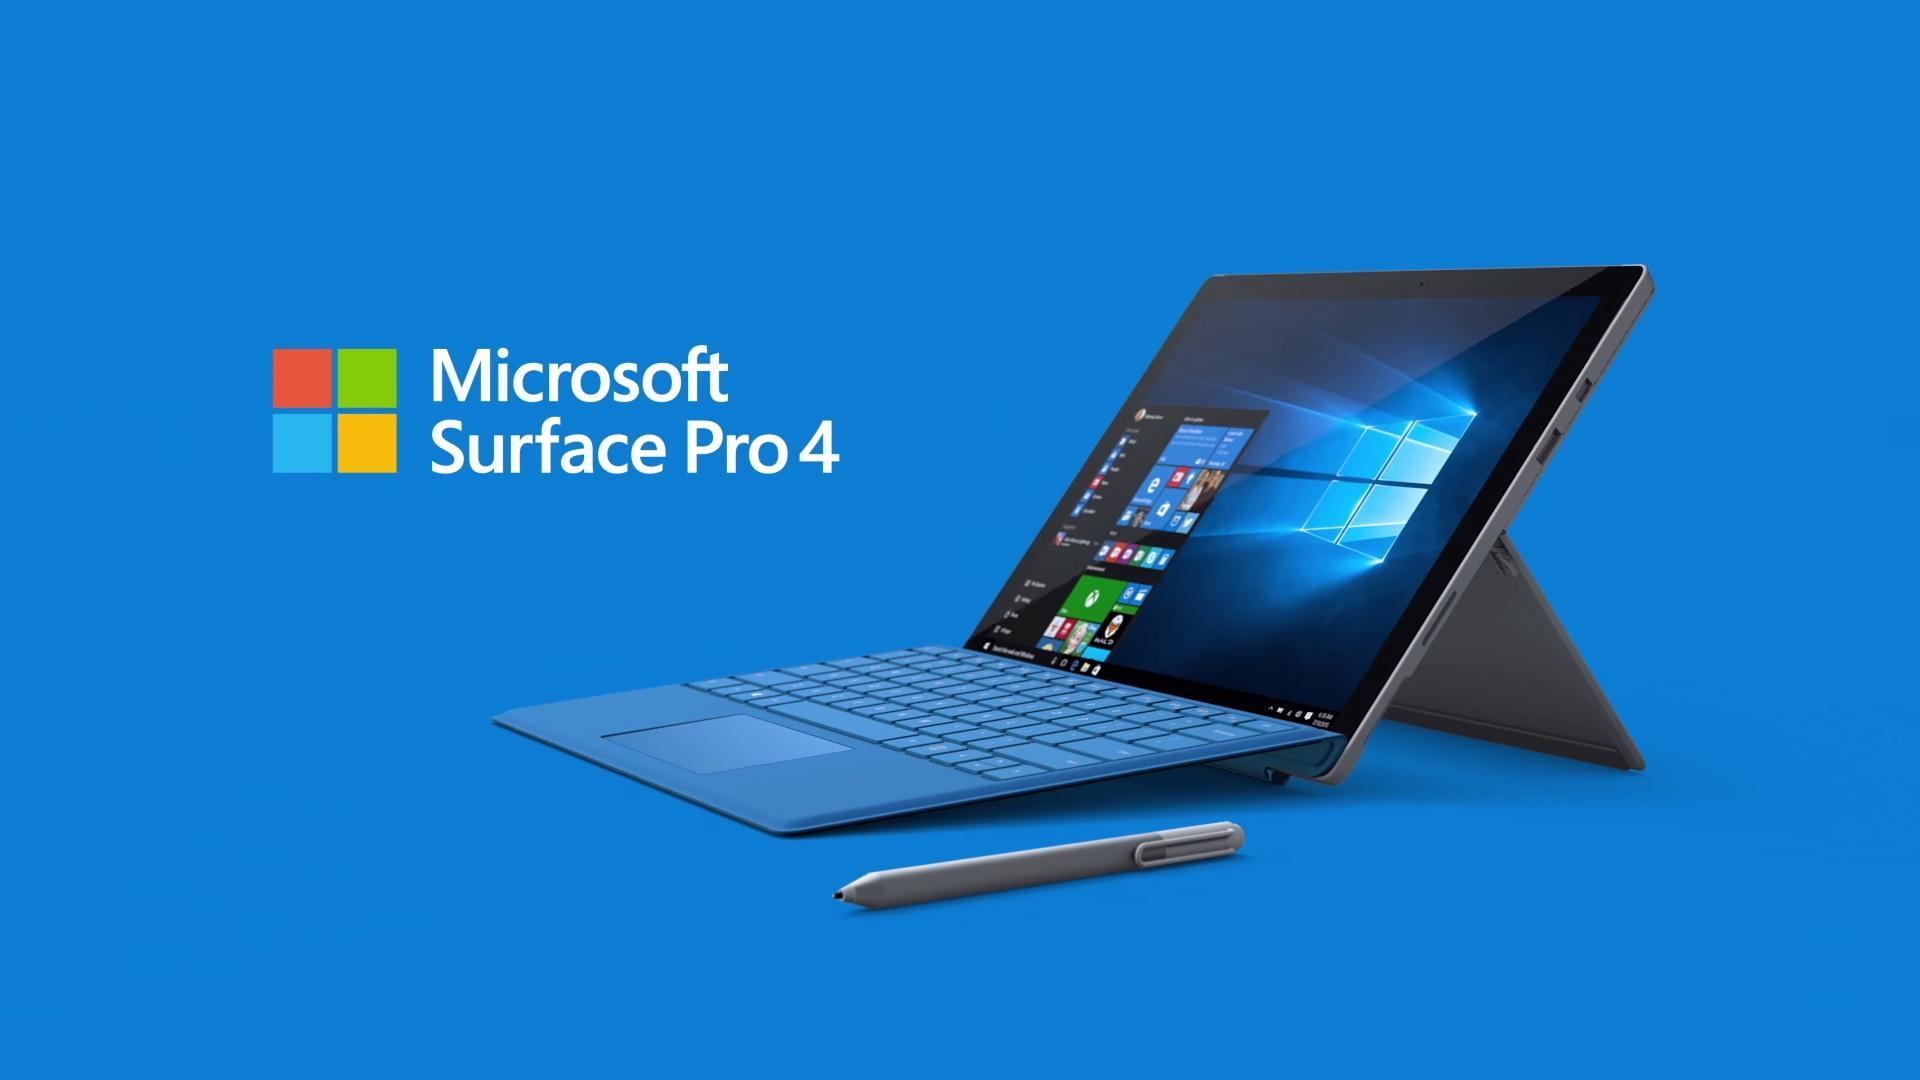 Máy tính bảng Microsoft Surface Pro 4 - i7 / 16GB / 512GB